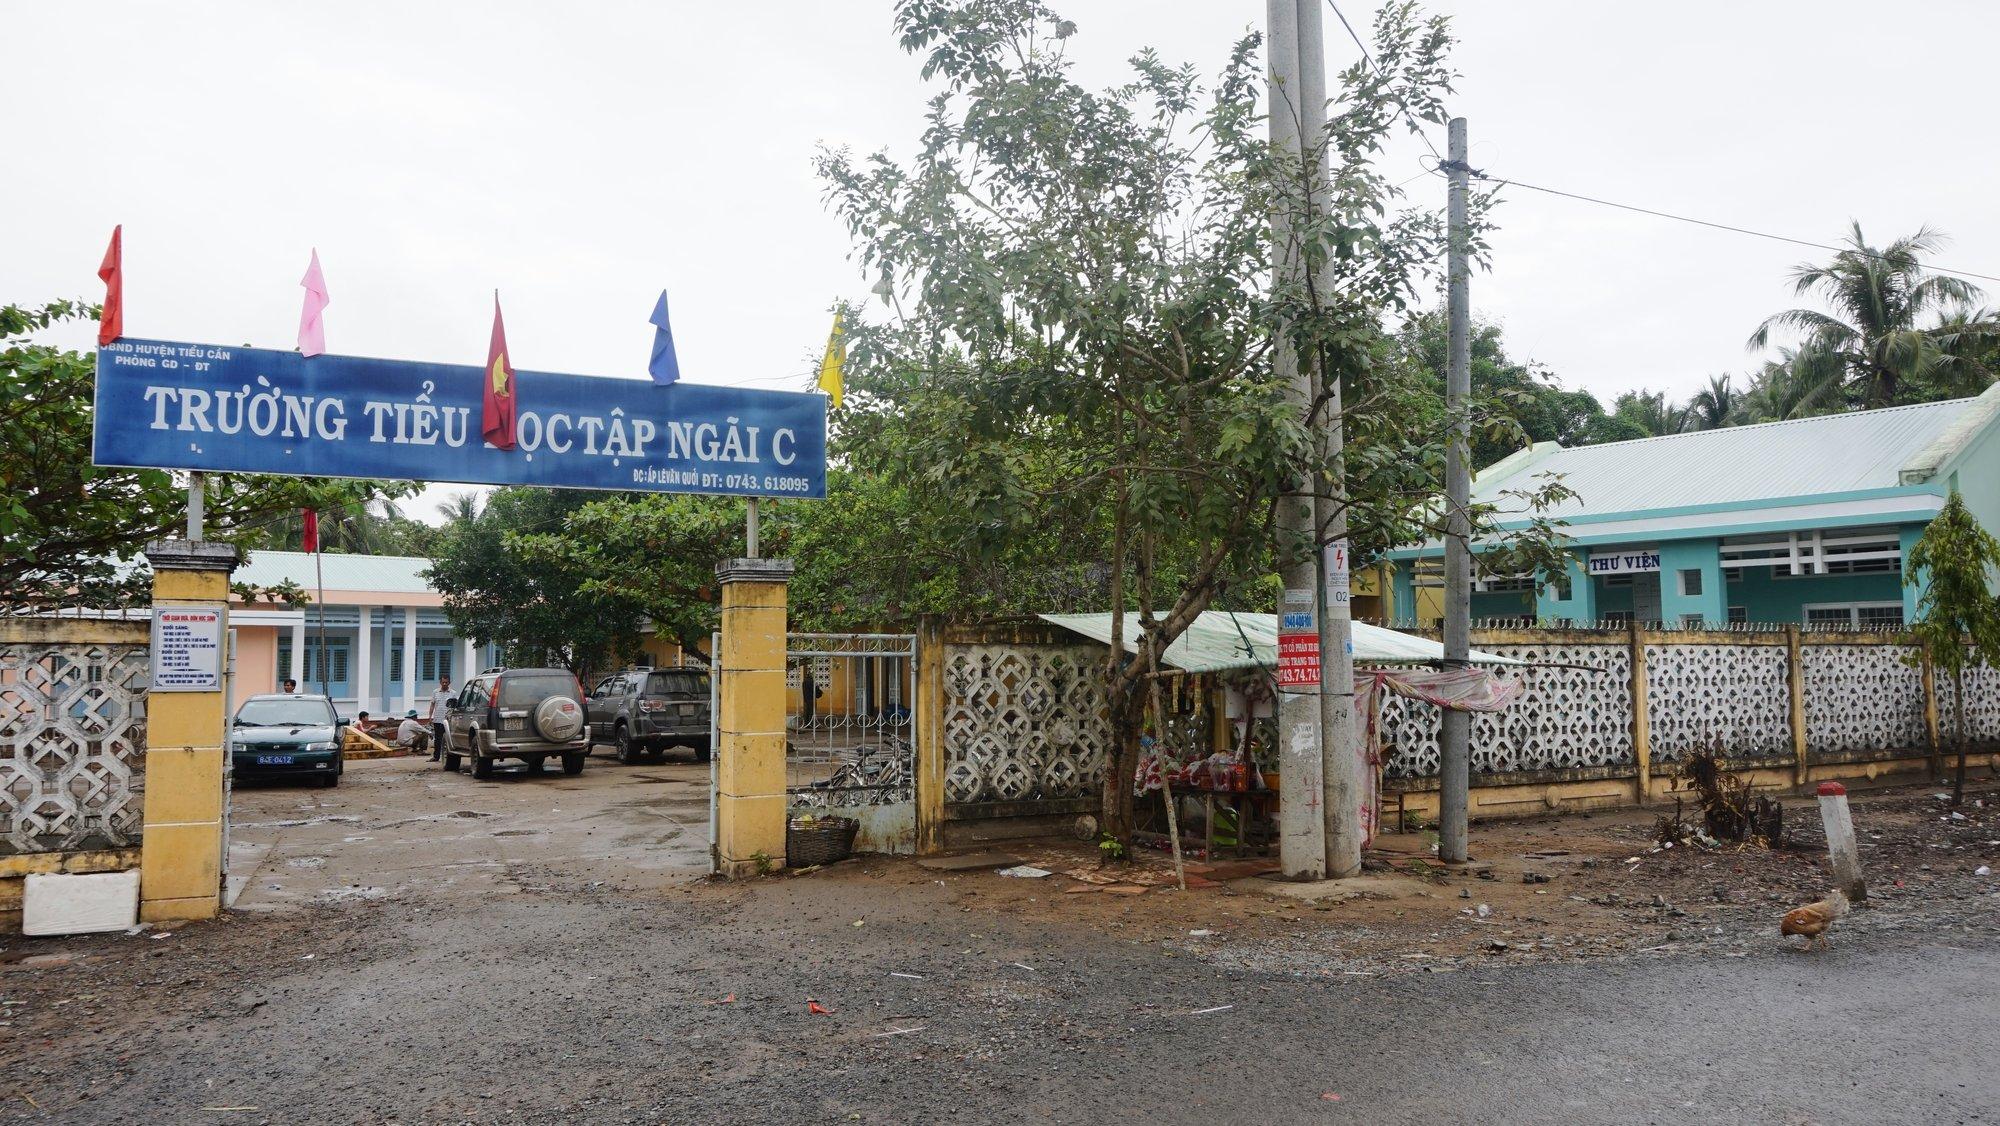 Tập Ngãi C school